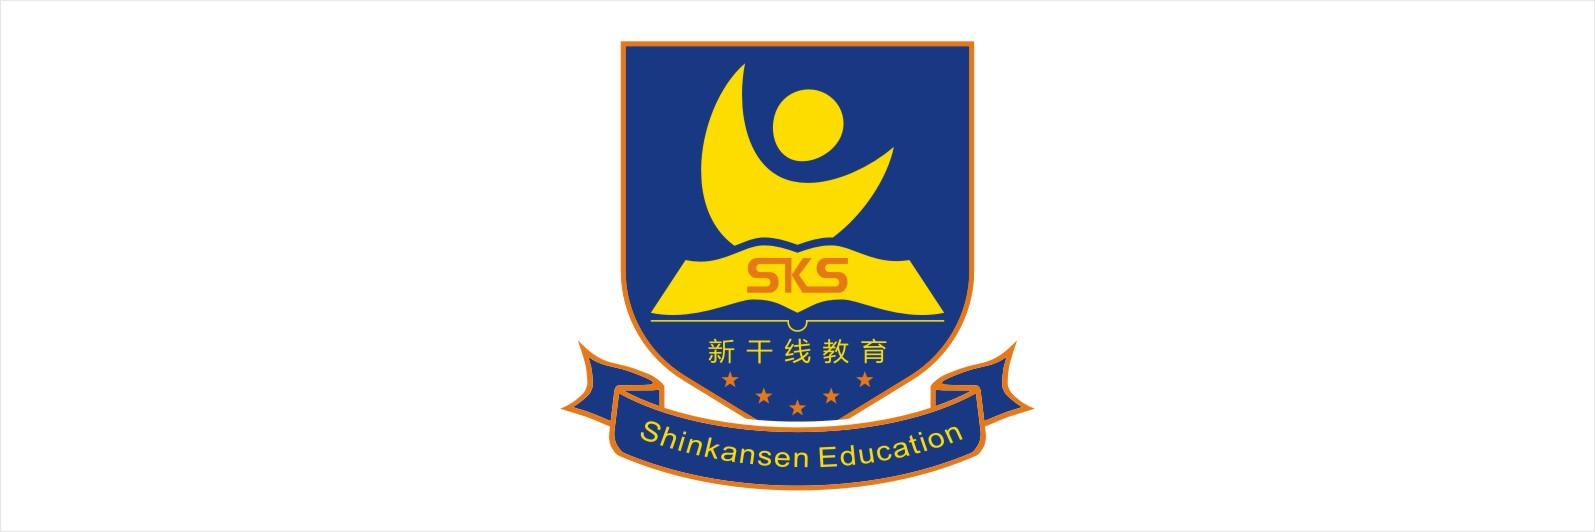 中山新干线教育培训机构